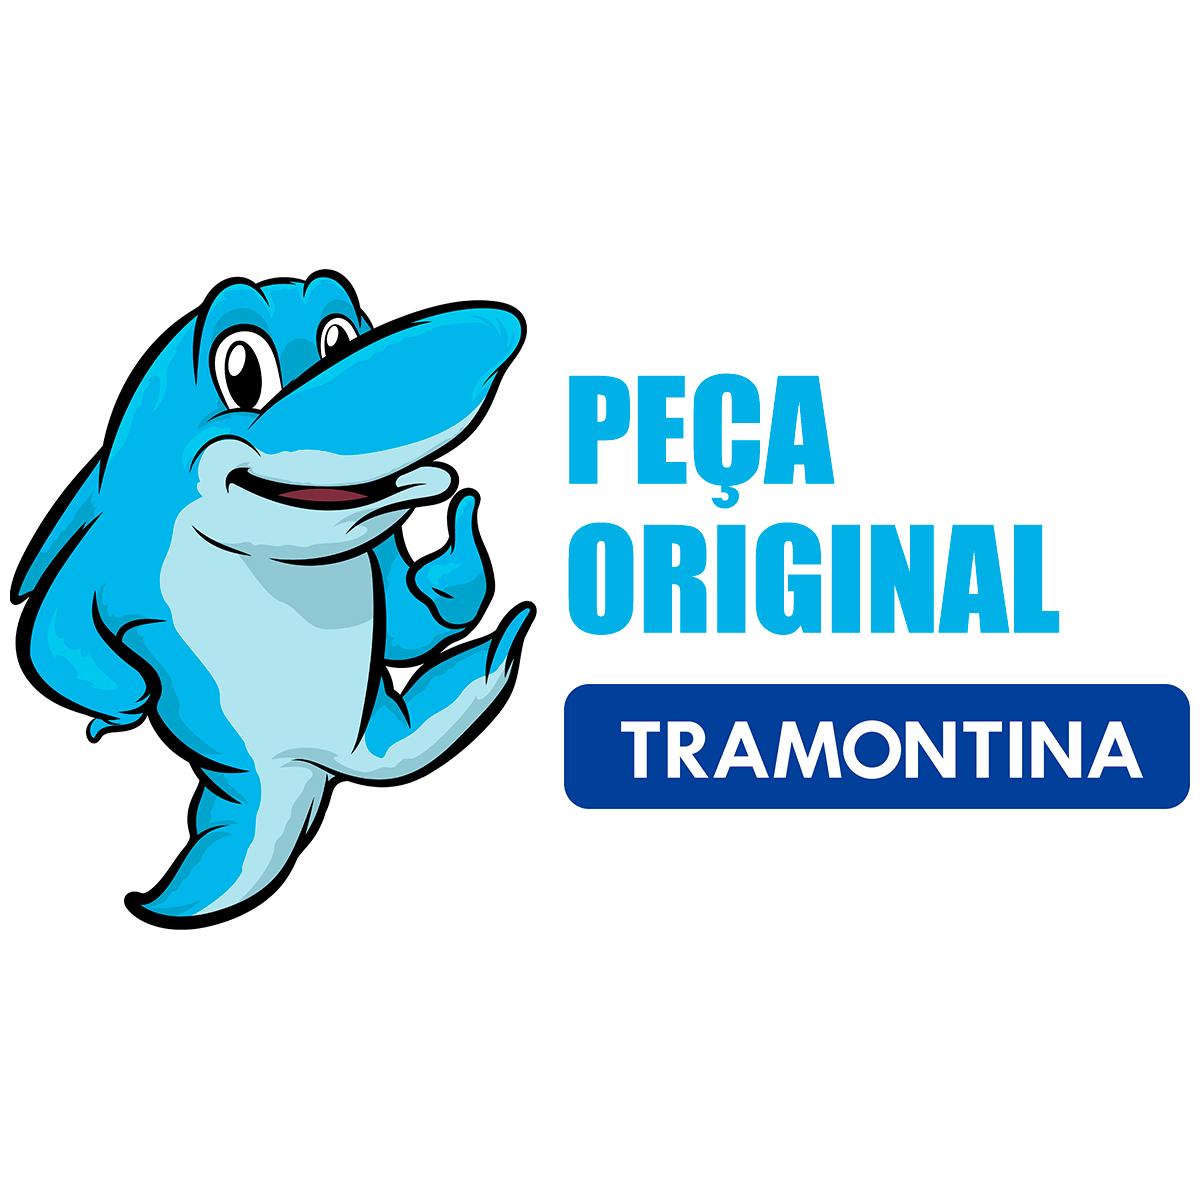 Kit Válvulas de Saída para Lavadora Tramontina 1500psi 1200w, 1600psi 1400w, 1900psi 1800w 3pçs Original